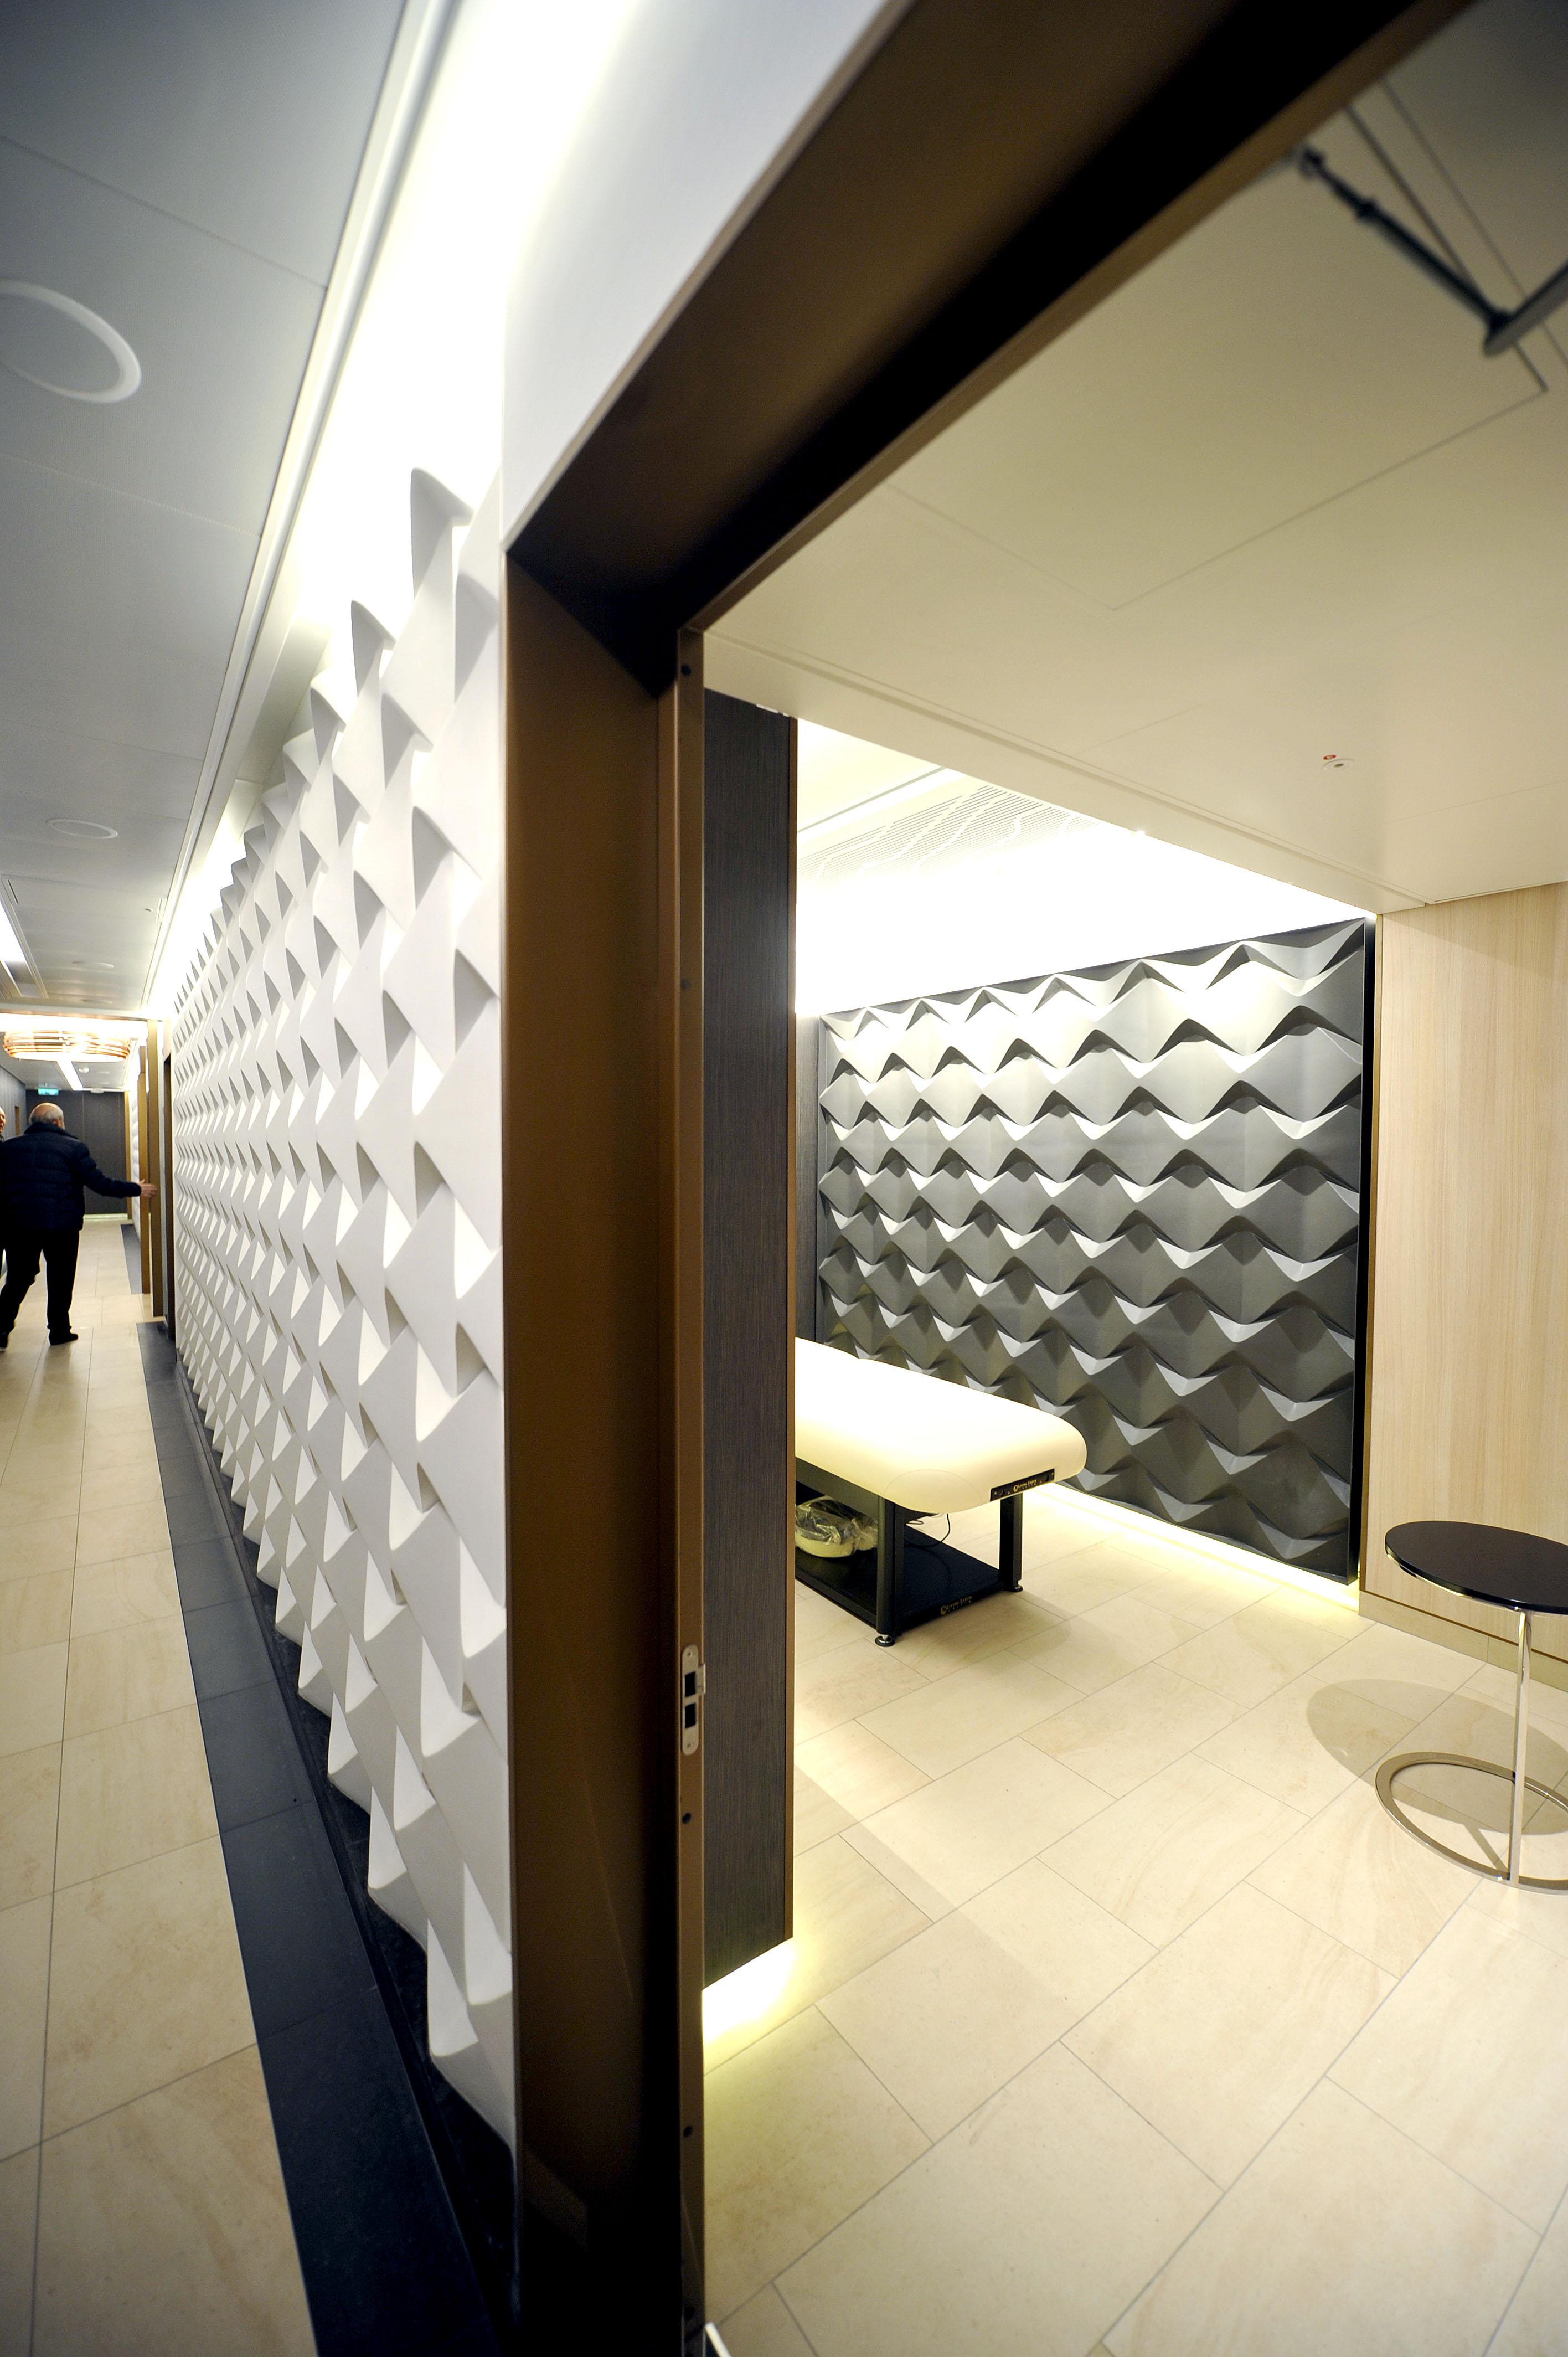 P&O Cruises Britannia Interior Oasis Treatment Room.jpg